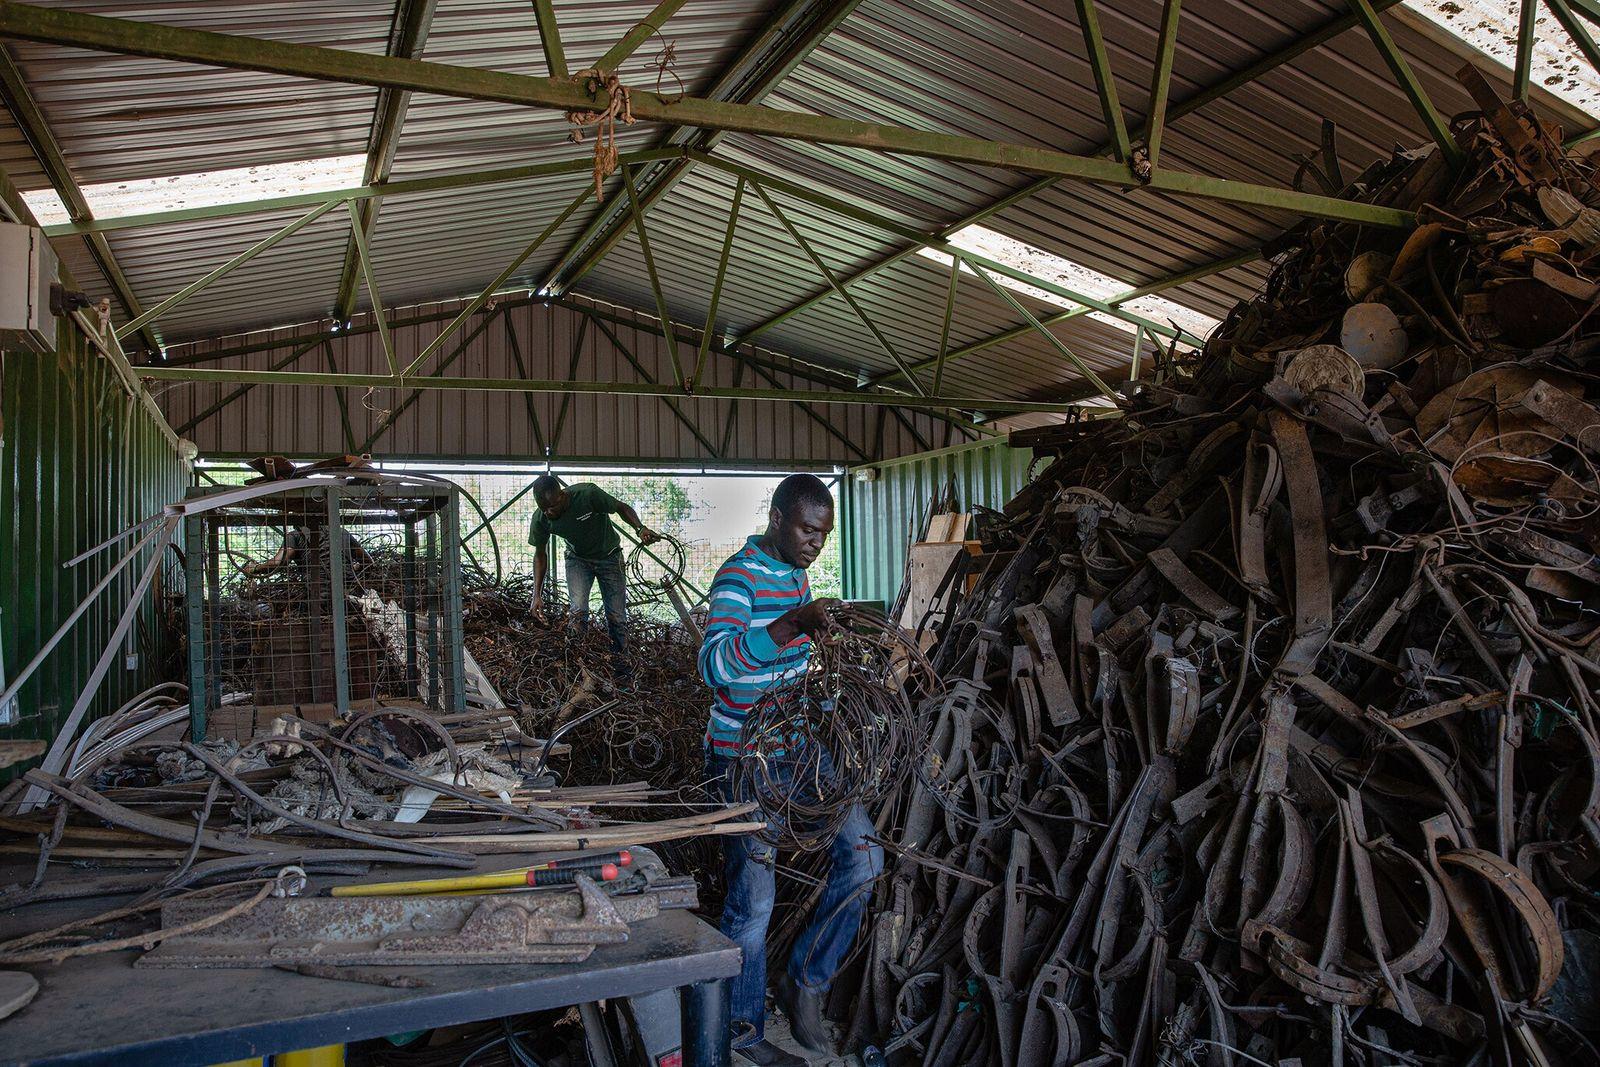 Os funcionários da Snare to Wares classificam as armadilhas no armazém da Autoridade de Vida Selvagem ...